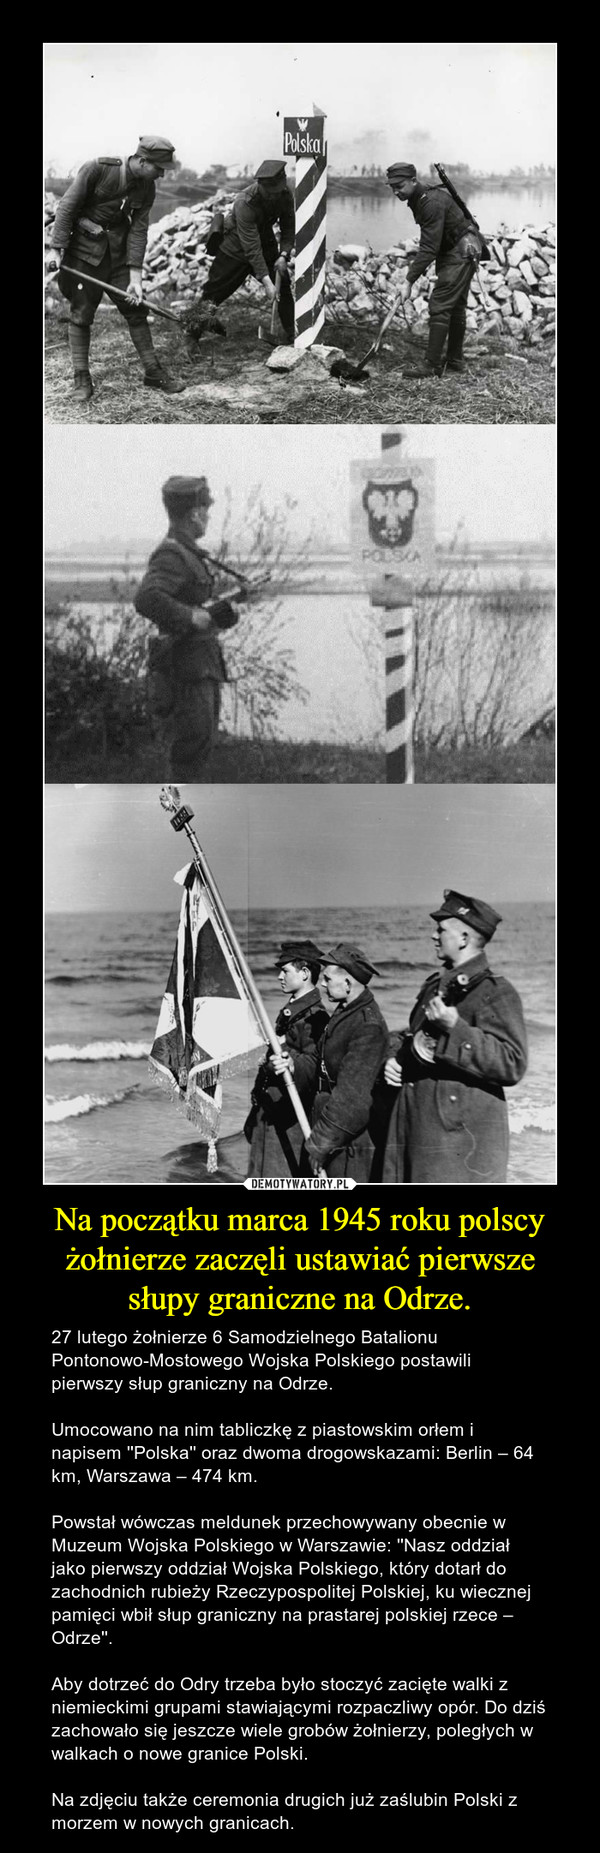 Na początku marca 1945 roku polscy żołnierze zaczęli ustawiać pierwsze słupy graniczne na Odrze. – 27 lutego żołnierze 6 Samodzielnego Batalionu Pontonowo-Mostowego Wojska Polskiego postawili pierwszy słup graniczny na Odrze.Umocowano na nim tabliczkę z piastowskim orłem i napisem ''Polska'' oraz dwoma drogowskazami: Berlin – 64 km, Warszawa – 474 km. Powstał wówczas meldunek przechowywany obecnie w Muzeum Wojska Polskiego w Warszawie: ''Nasz oddział jako pierwszy oddział Wojska Polskiego, który dotarł do zachodnich rubieży Rzeczypospolitej Polskiej, ku wiecznej pamięci wbił słup graniczny na prastarej polskiej rzece – Odrze''. Aby dotrzeć do Odry trzeba było stoczyć zacięte walki z niemieckimi grupami stawiającymi rozpaczliwy opór. Do dziś zachowało się jeszcze wiele grobów żołnierzy, poległych w walkach o nowe granice Polski.Na zdjęciu także ceremonia drugich już zaślubin Polski z morzem w nowych granicach.